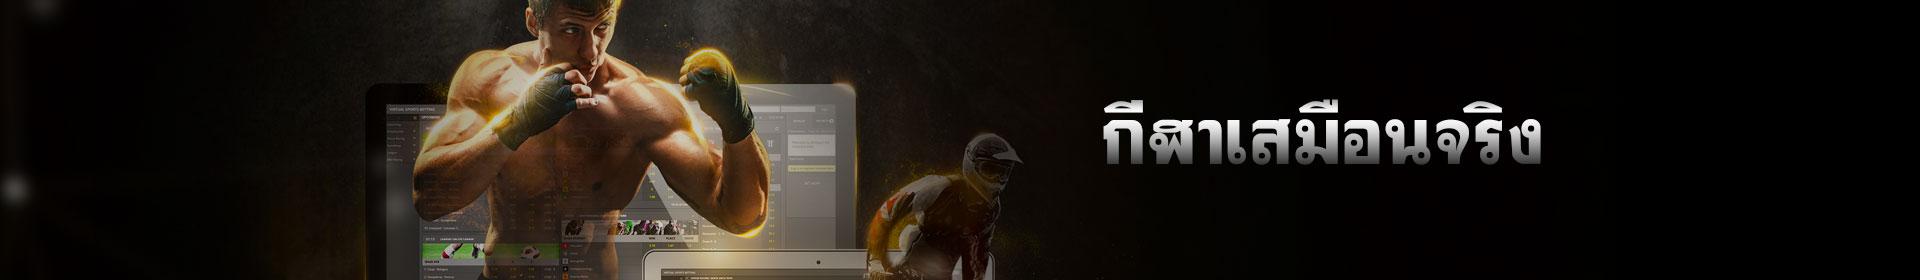 กีฬาเสมือนจริง - Virtual Sport LuckyNiki